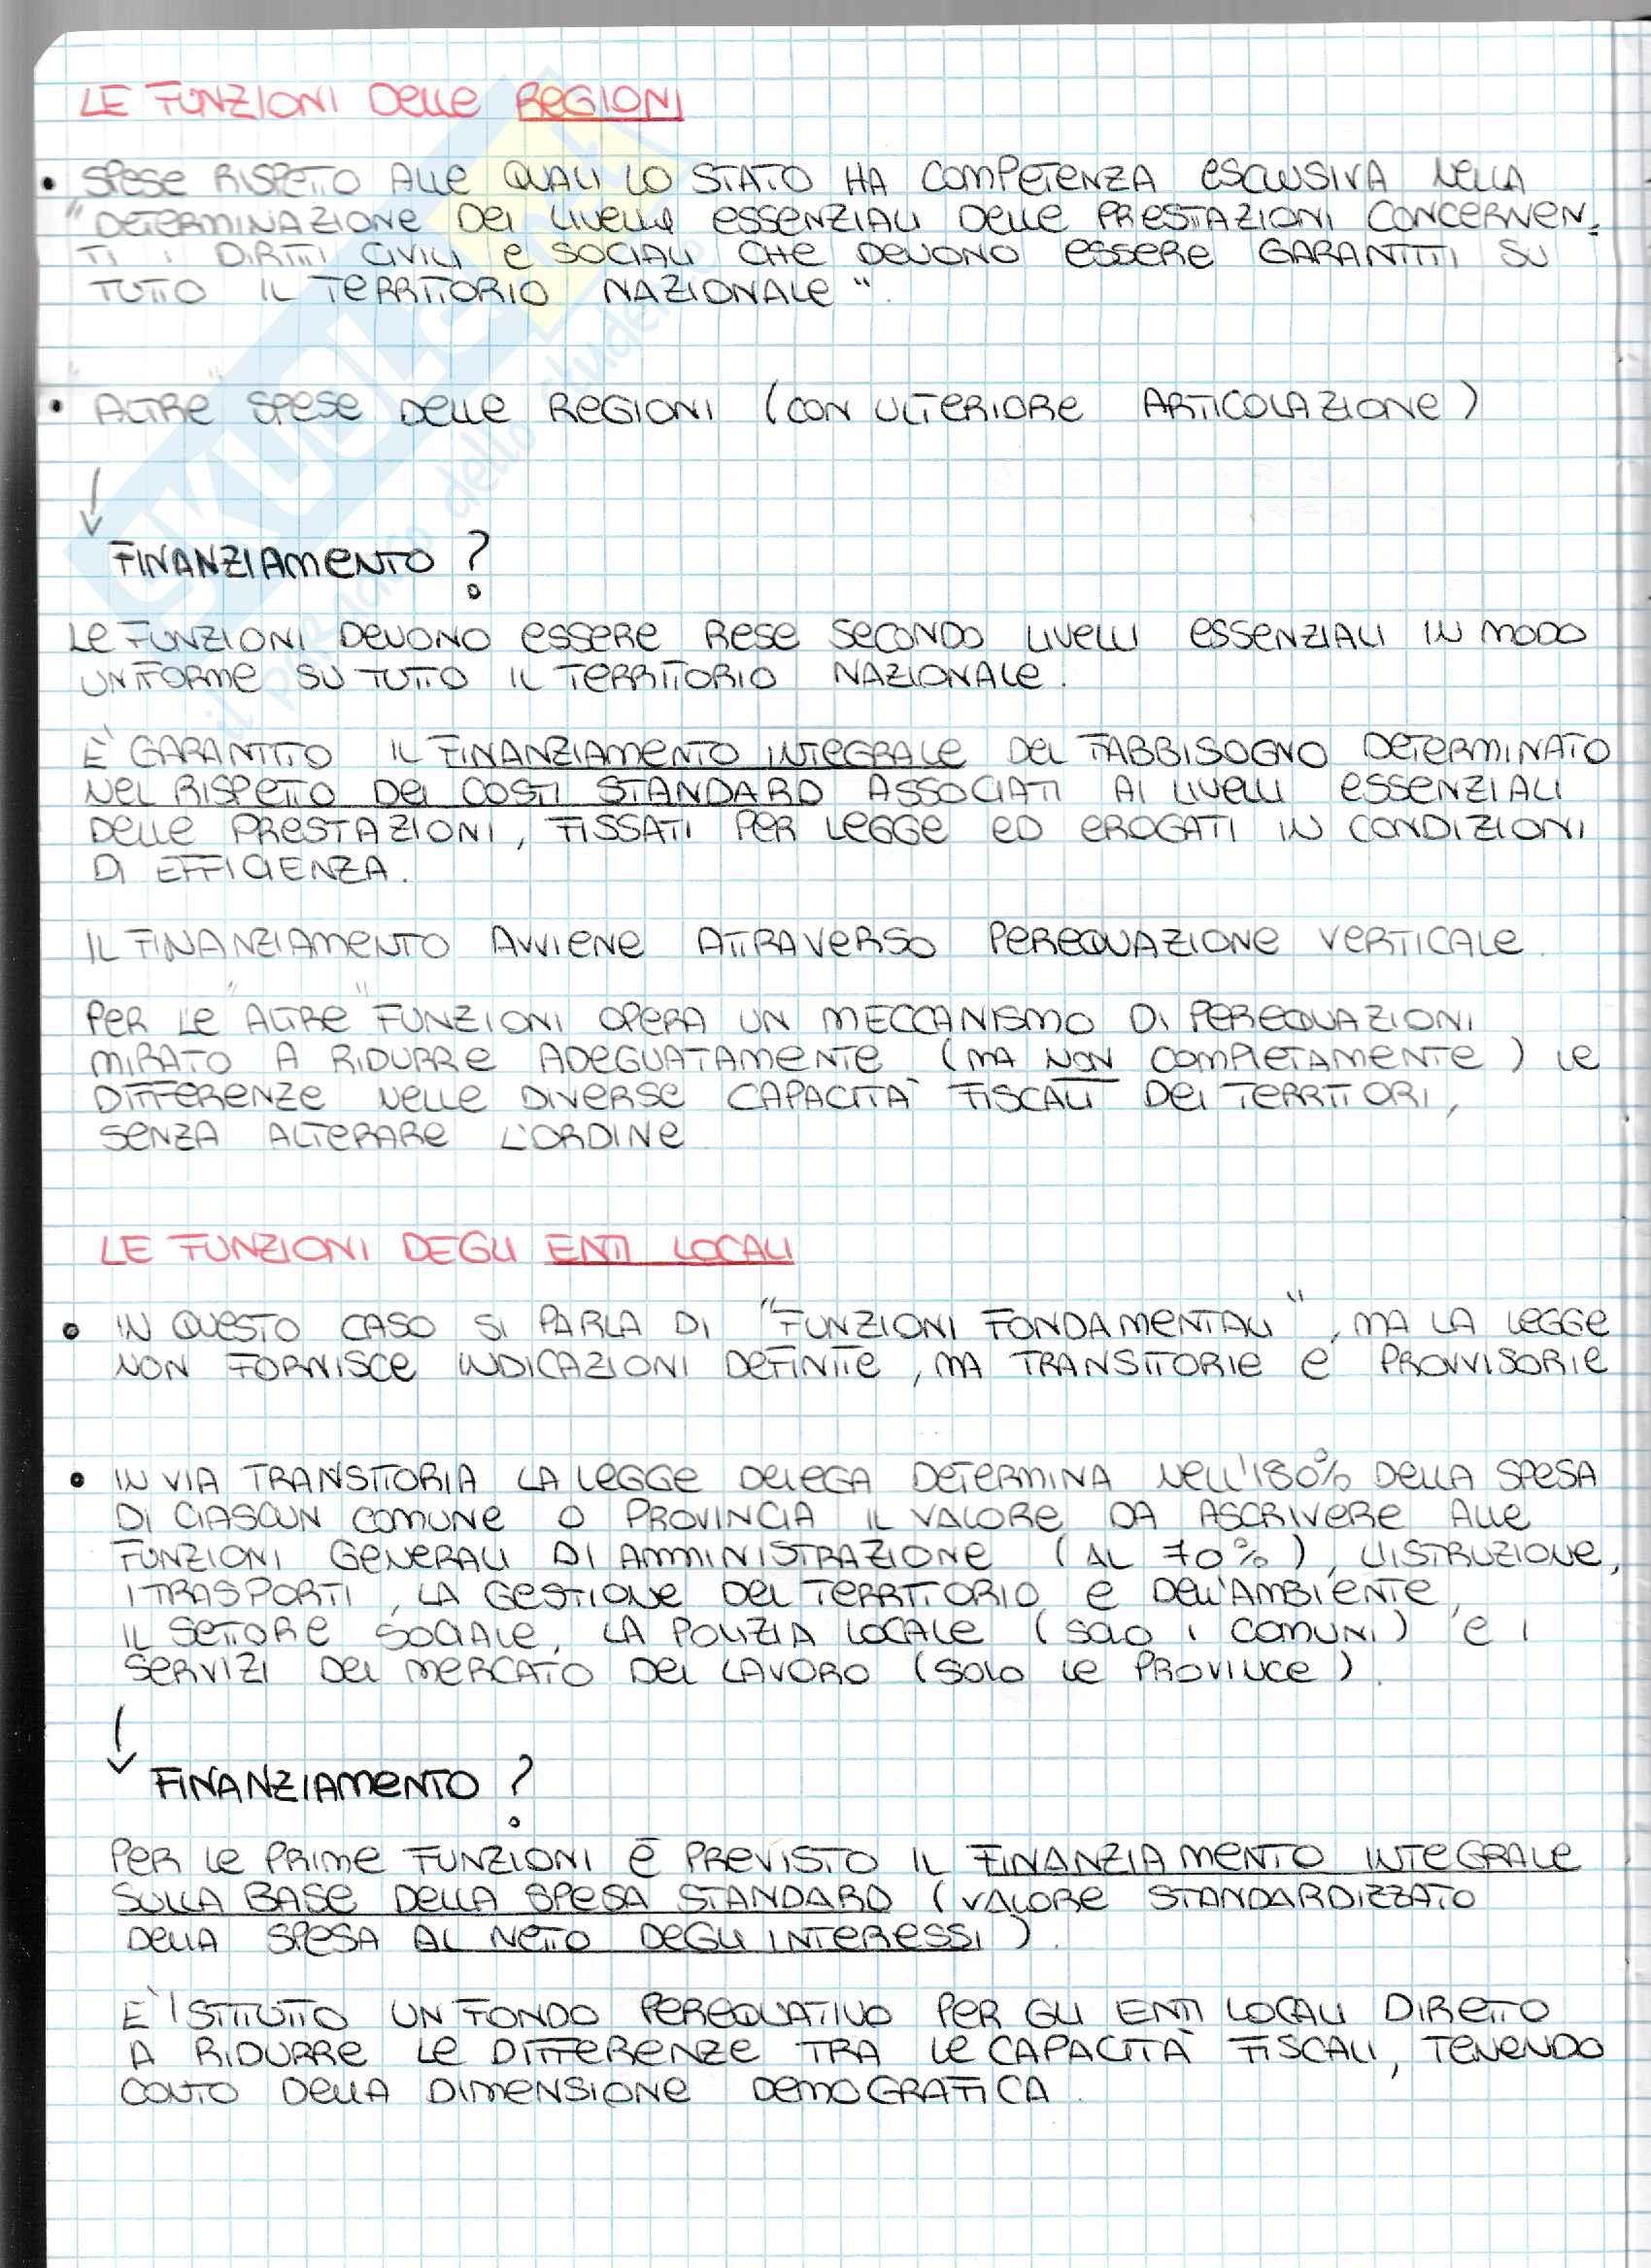 Appunti - Il federalismo fiscale: concetto e sistema in Italia Pag. 11